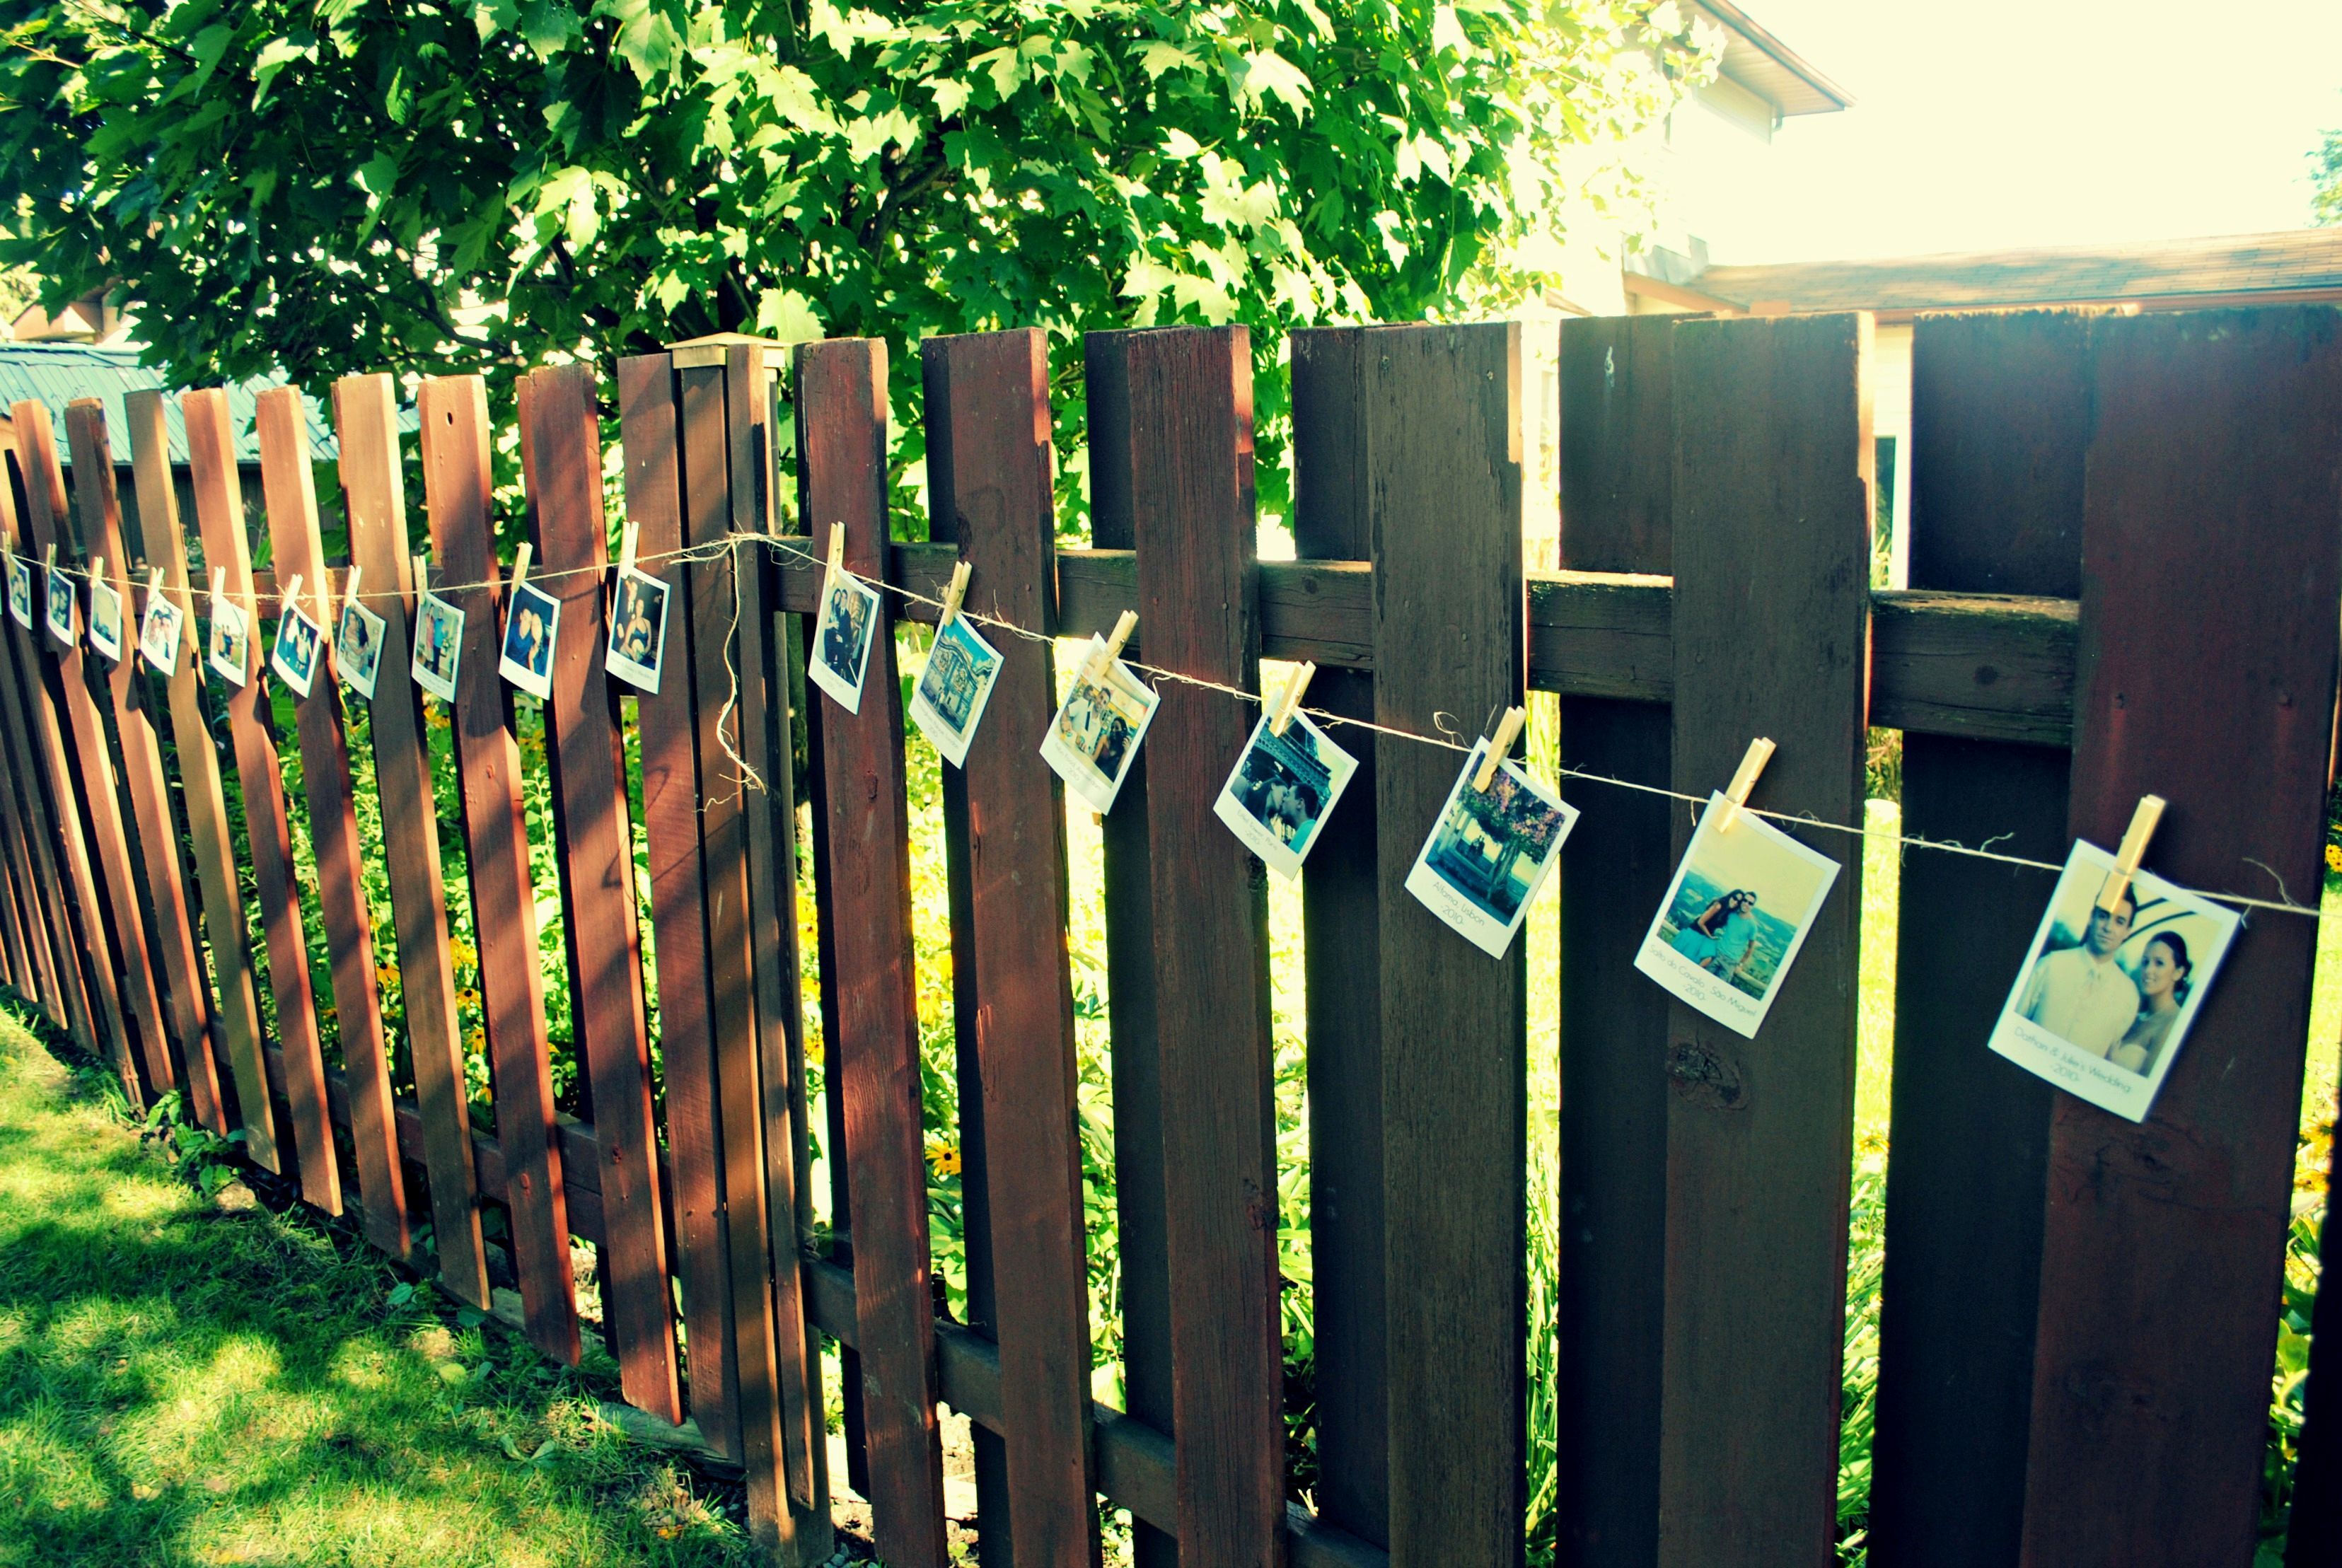 17.SIMPHOME.COM outdoor engagement party decoration ideas home romantic